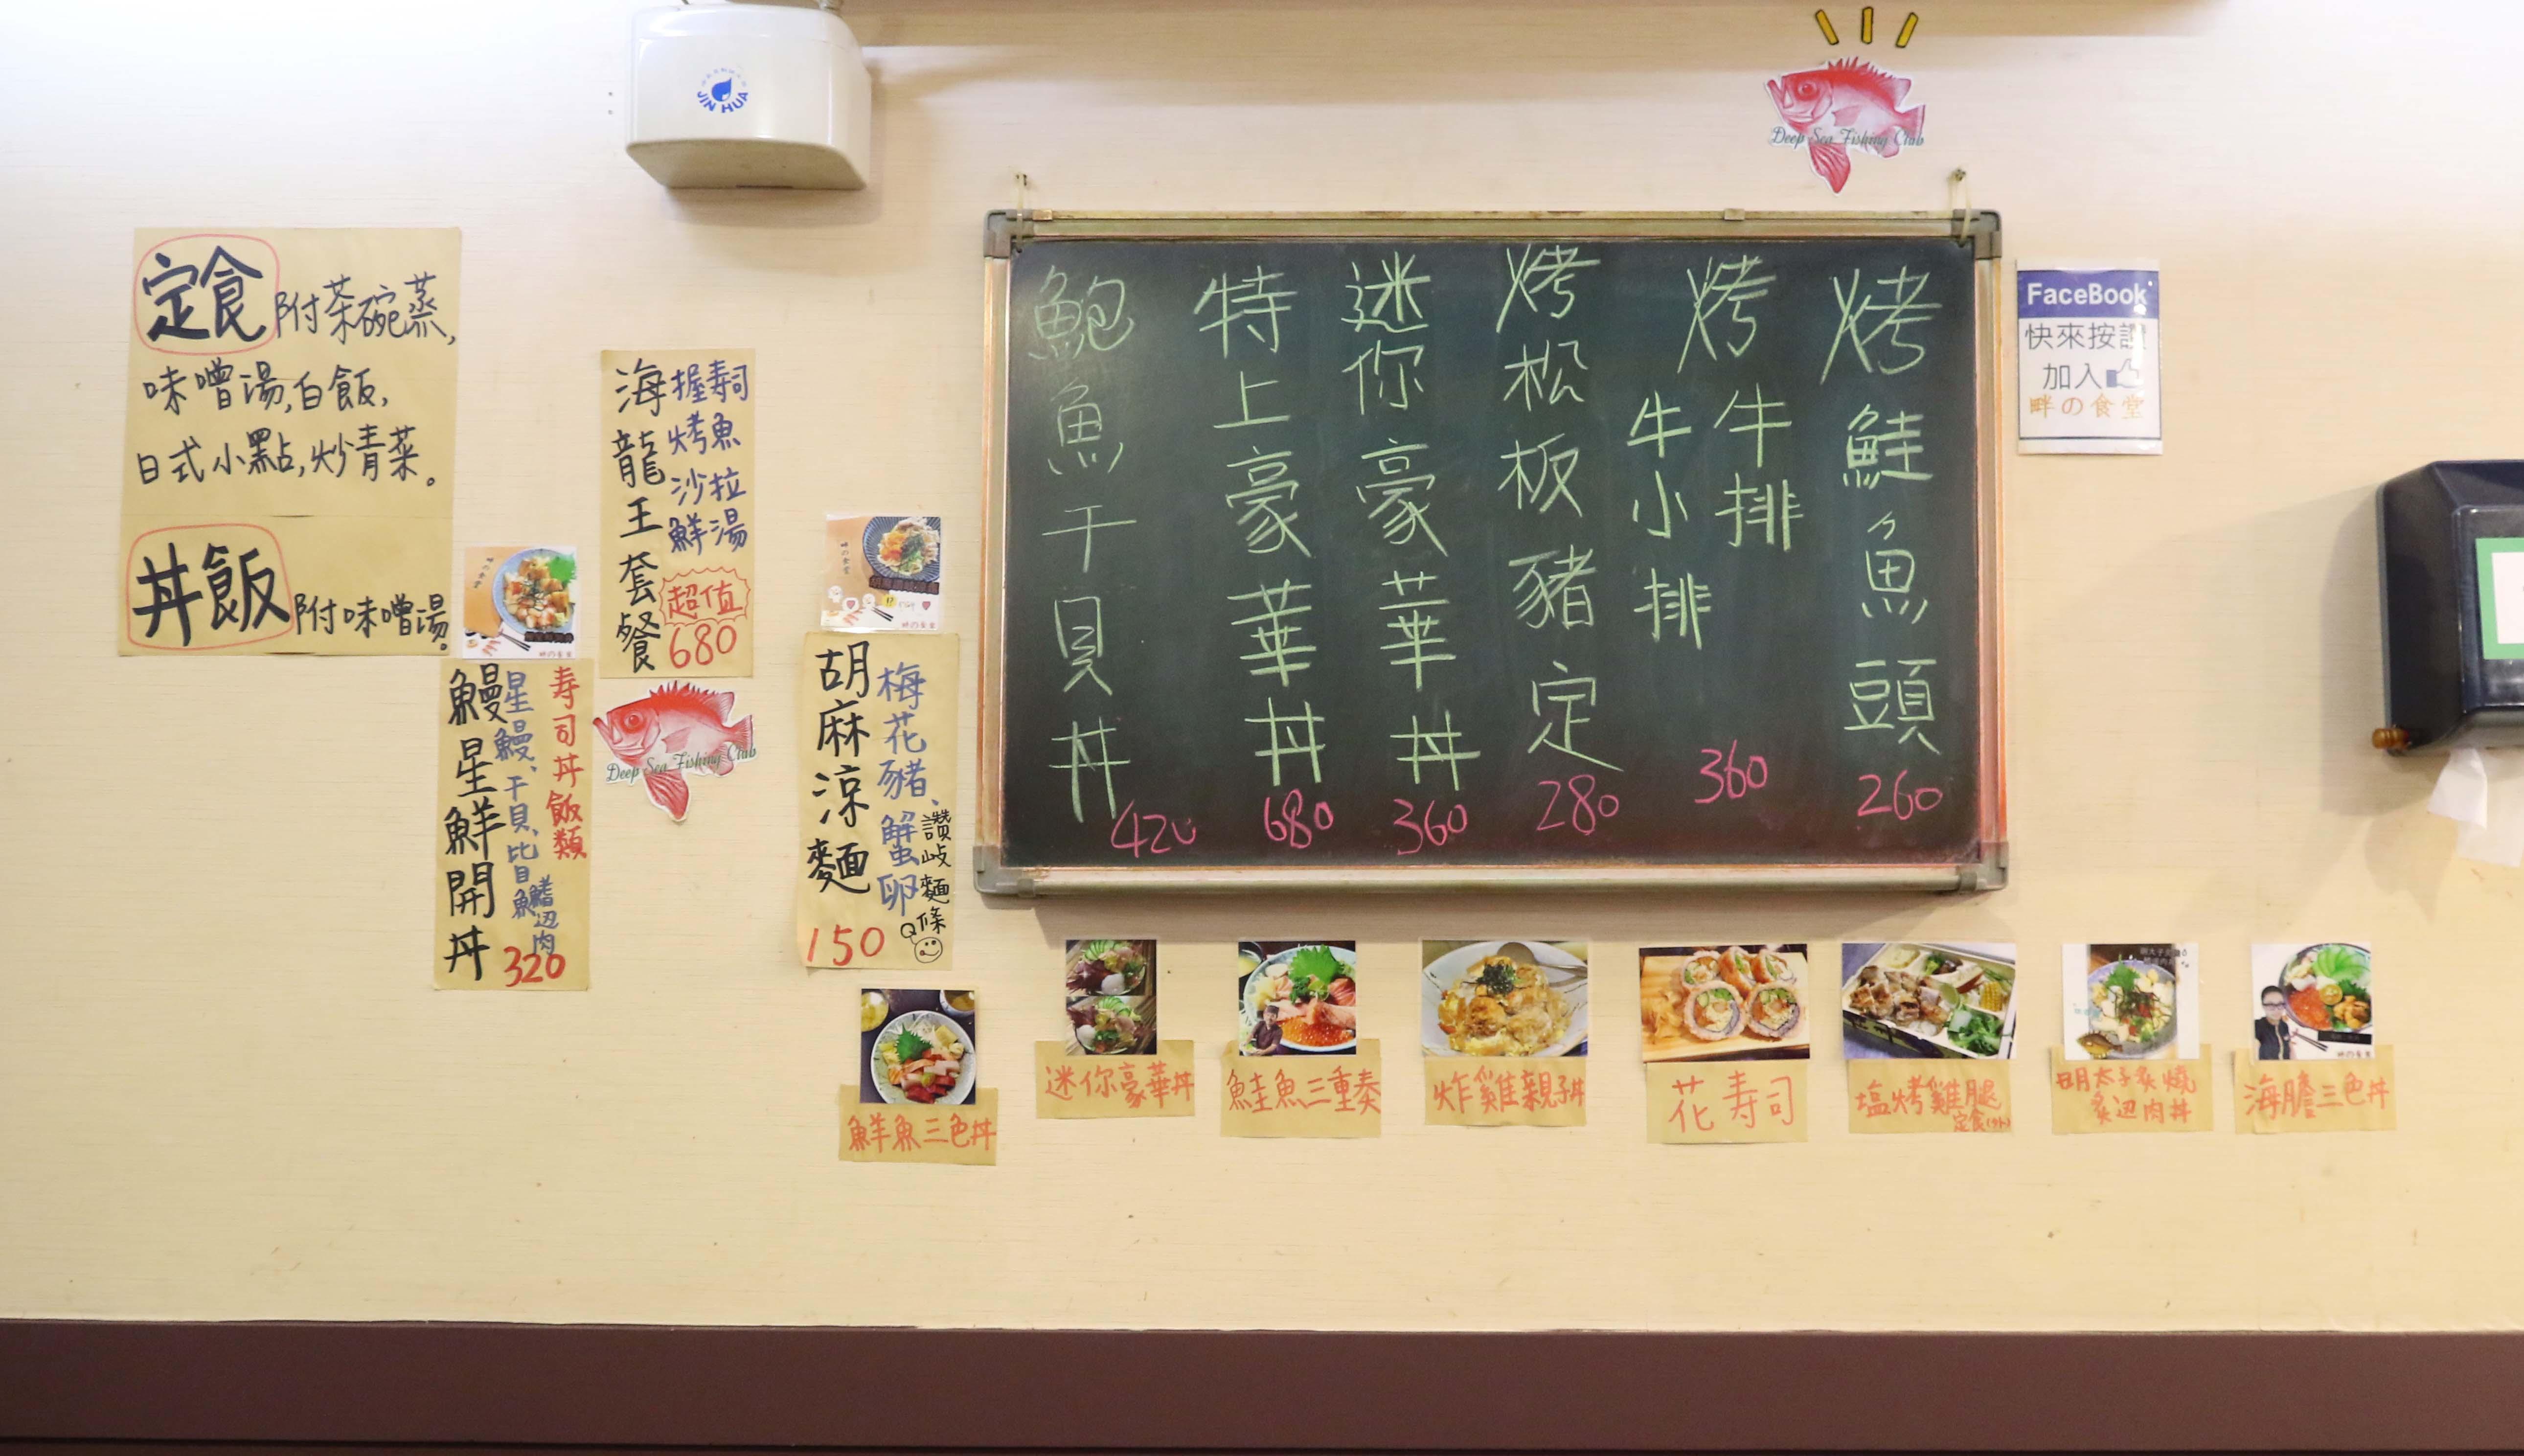 台北小巨蛋美食|畔の食堂:丼飯交響四部曲「特上豪華丼」&「鮭魚三重奏」 @緹雅瑪 美食旅遊趣